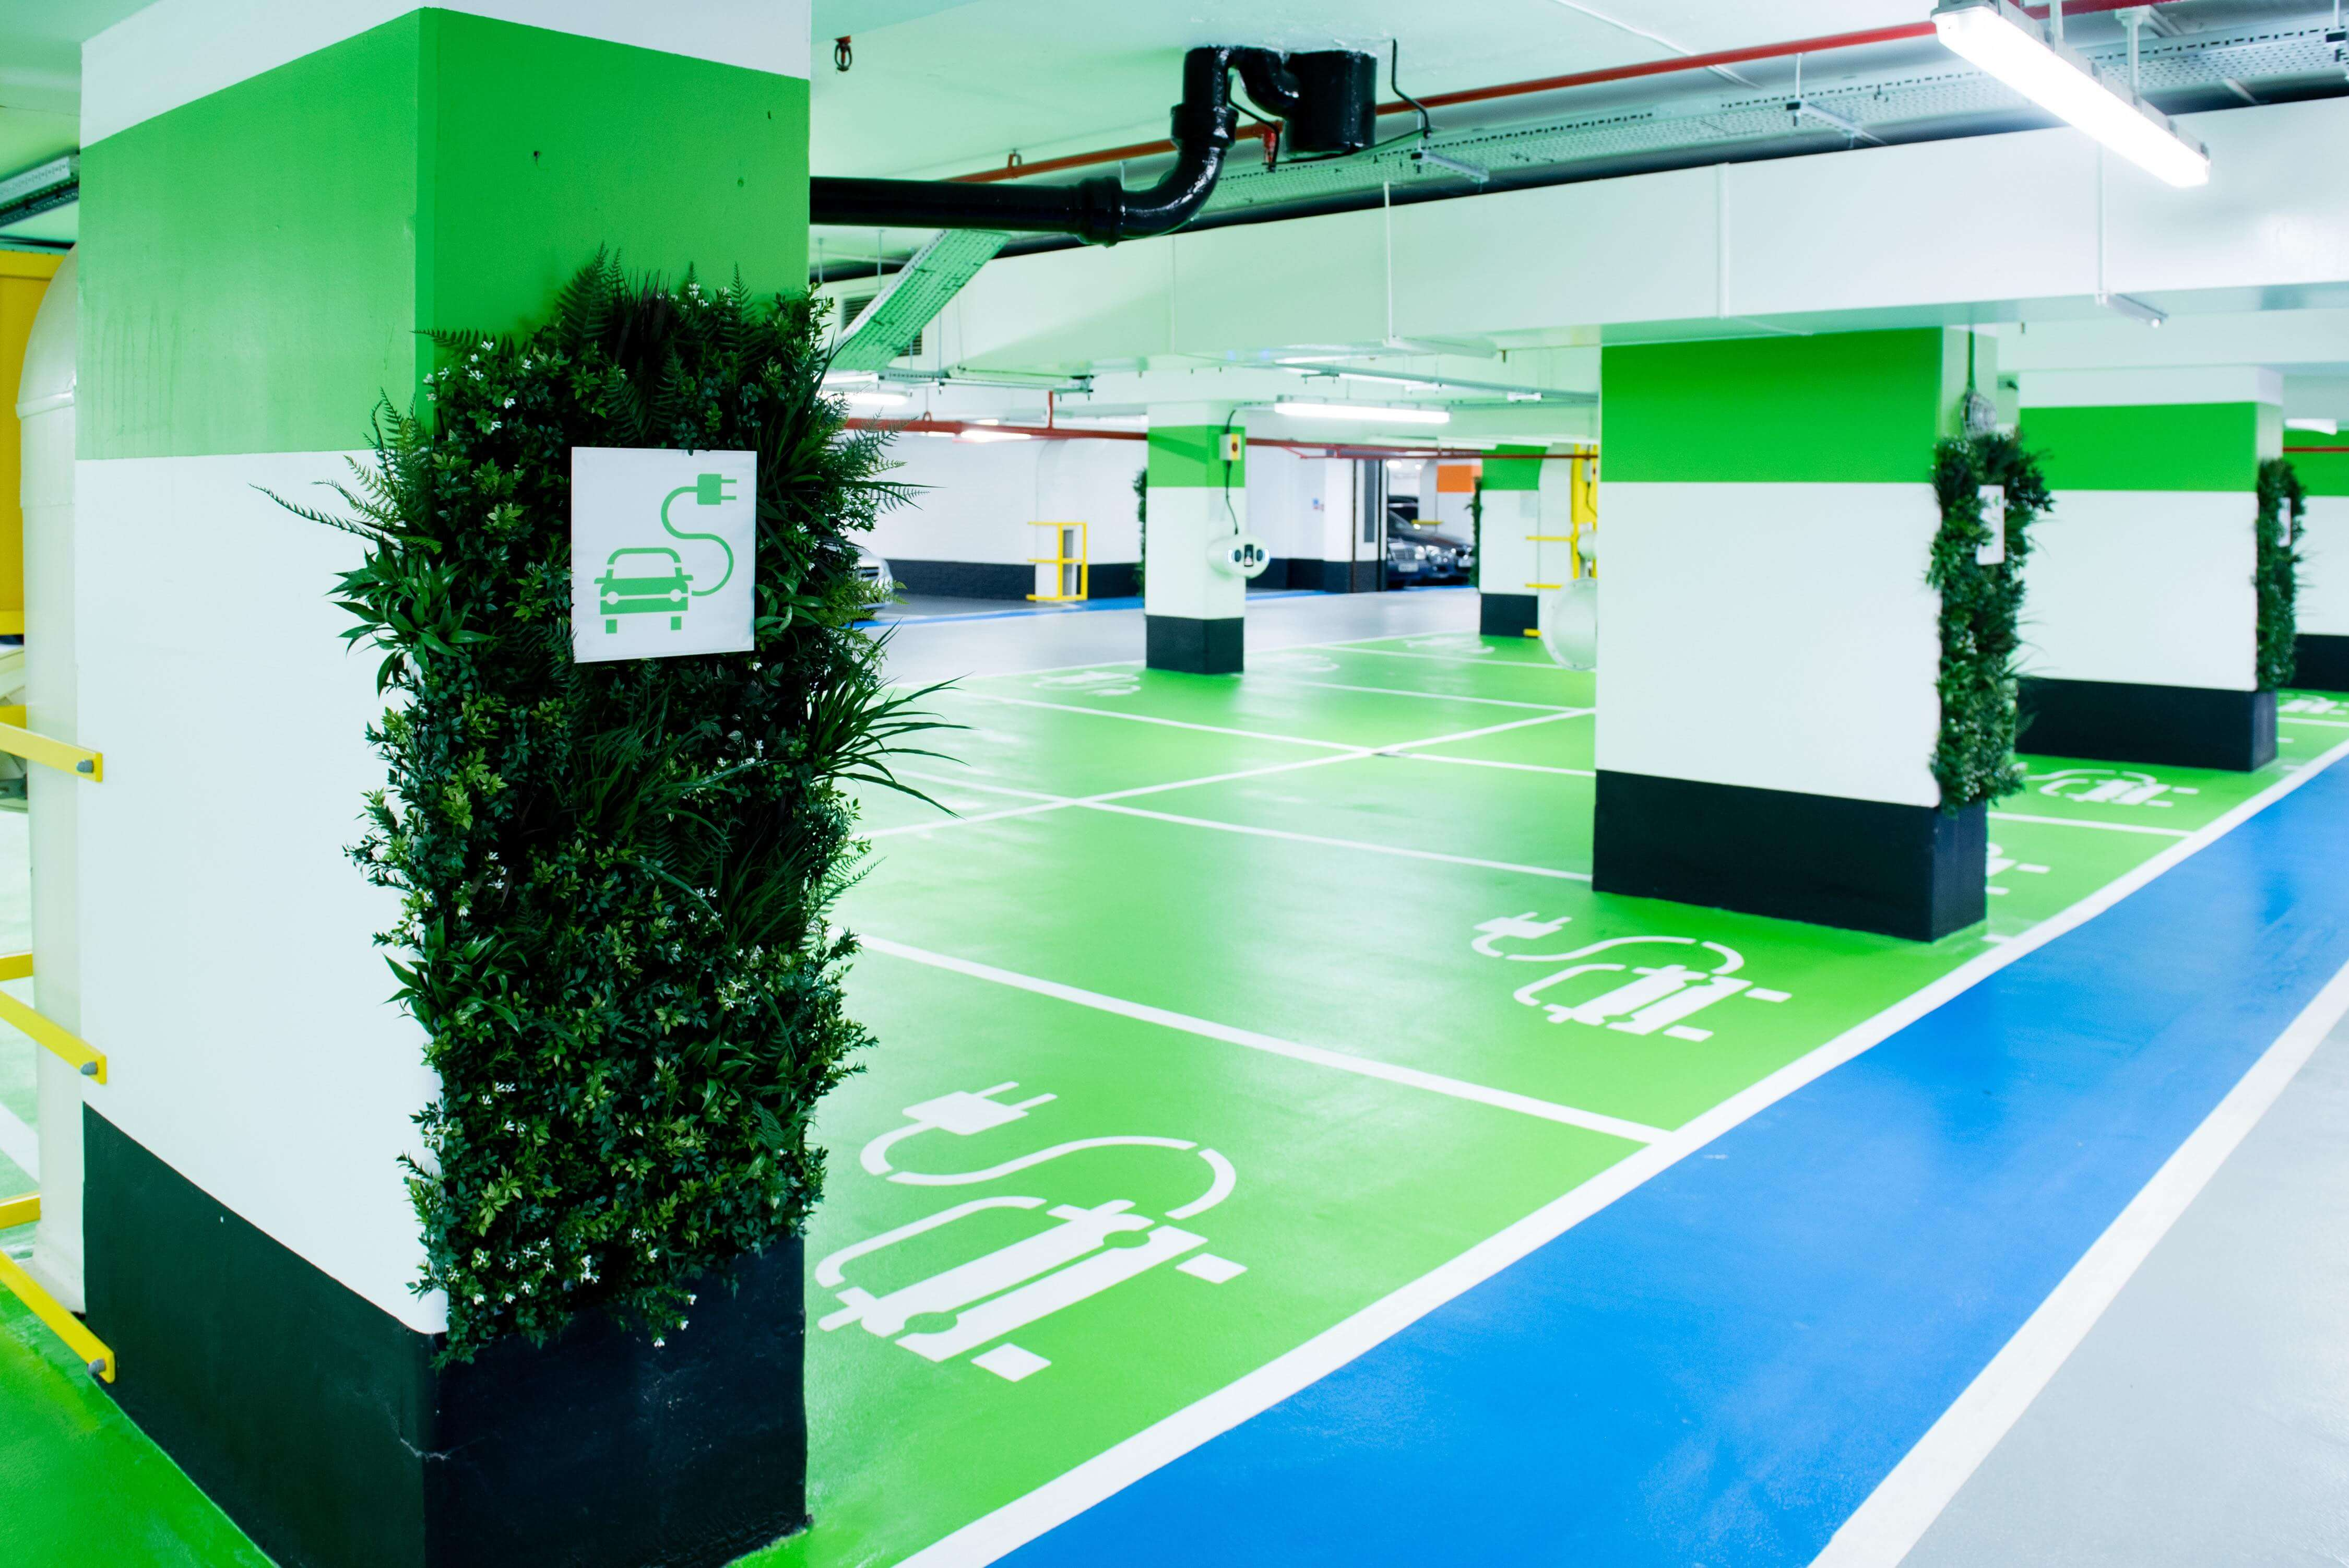 intu Victoria Green Zone